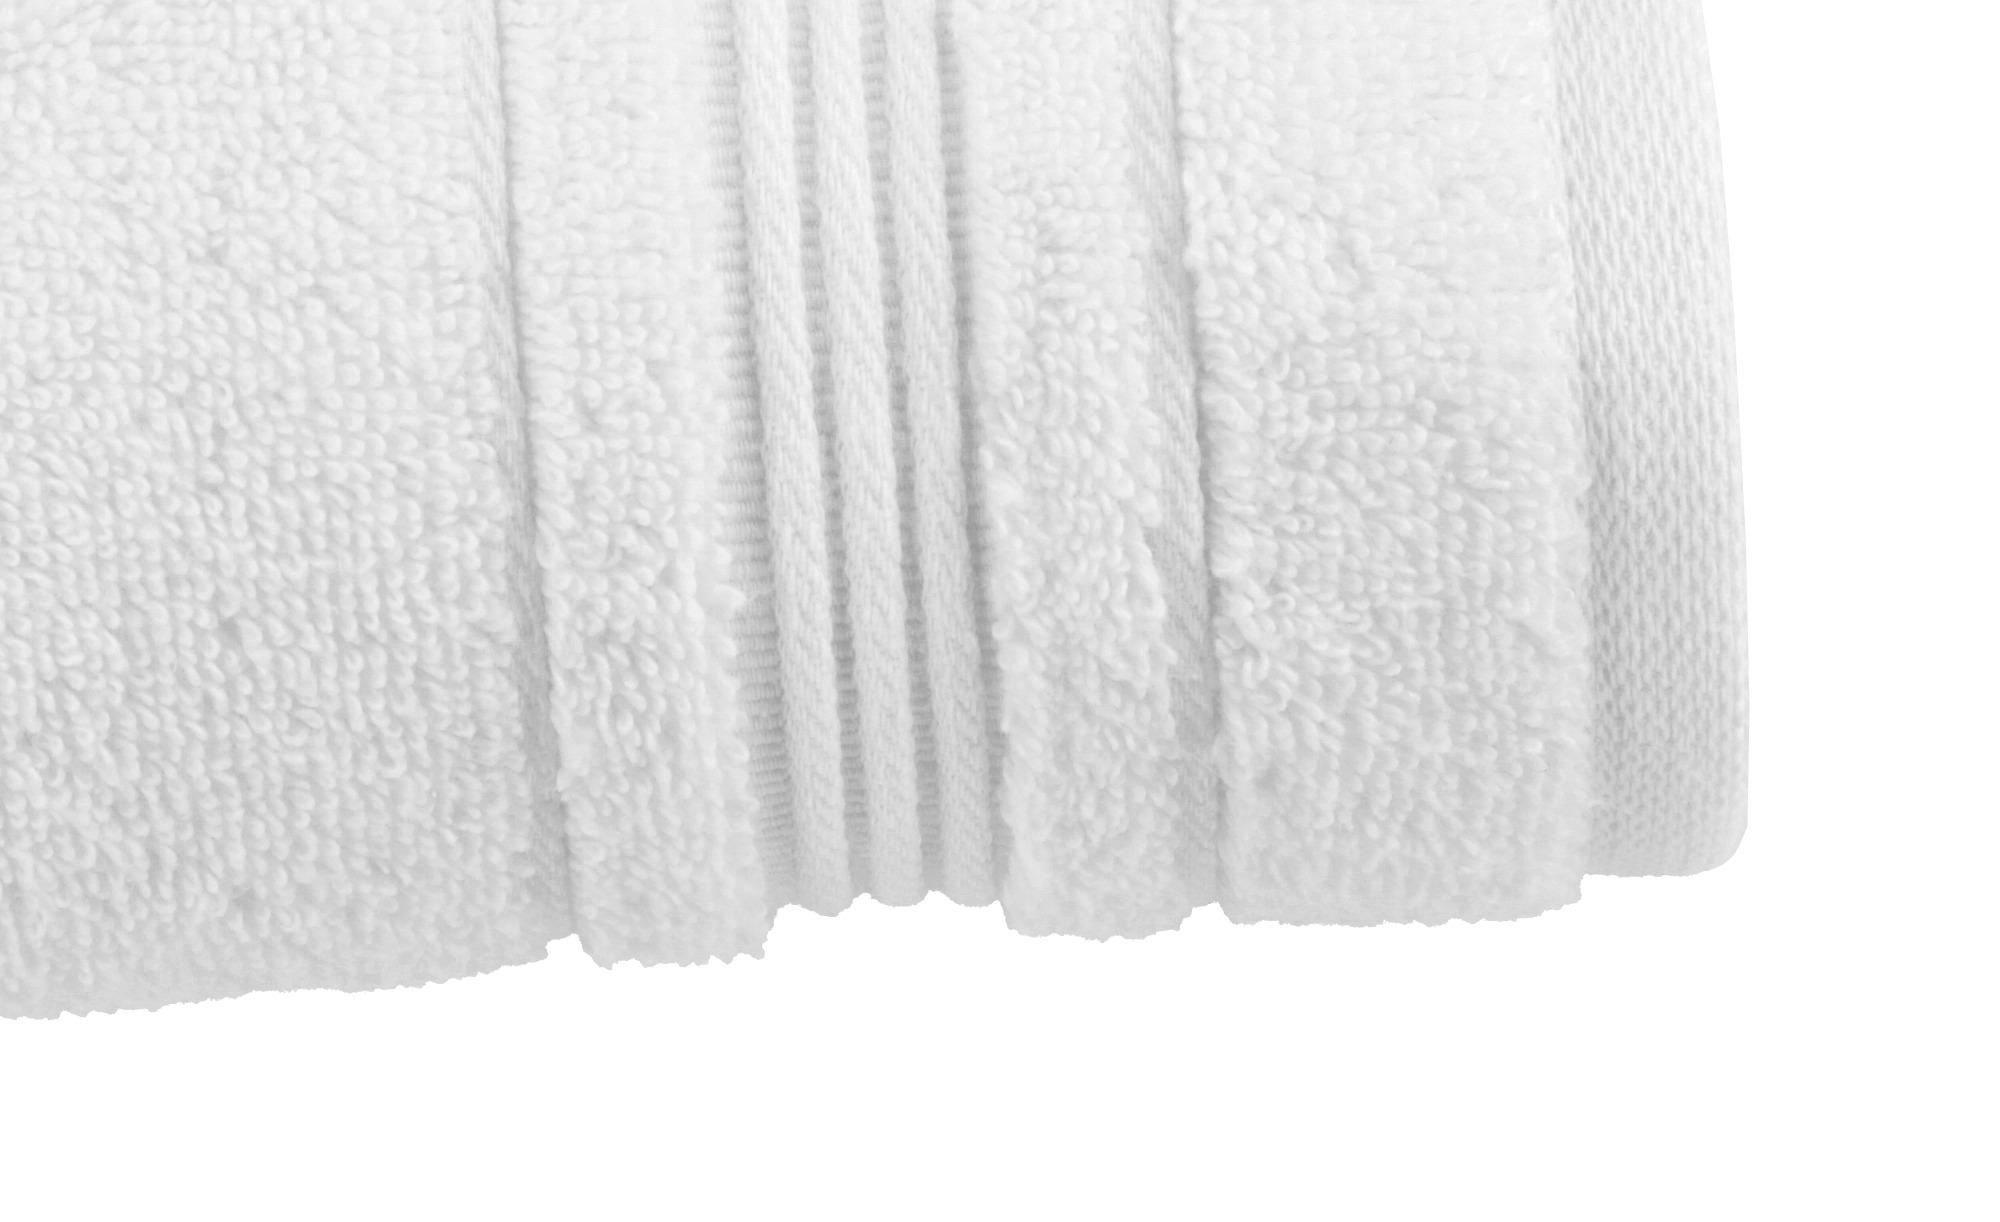 VOSSEN Badetuch  Soft Dreams ¦ weiß ¦ 100% Baumwolle ¦ Maße (cm): B: 100 Badtextilien und Zubehör > Badetücher > Badetücher 100x150 cm - Höffner